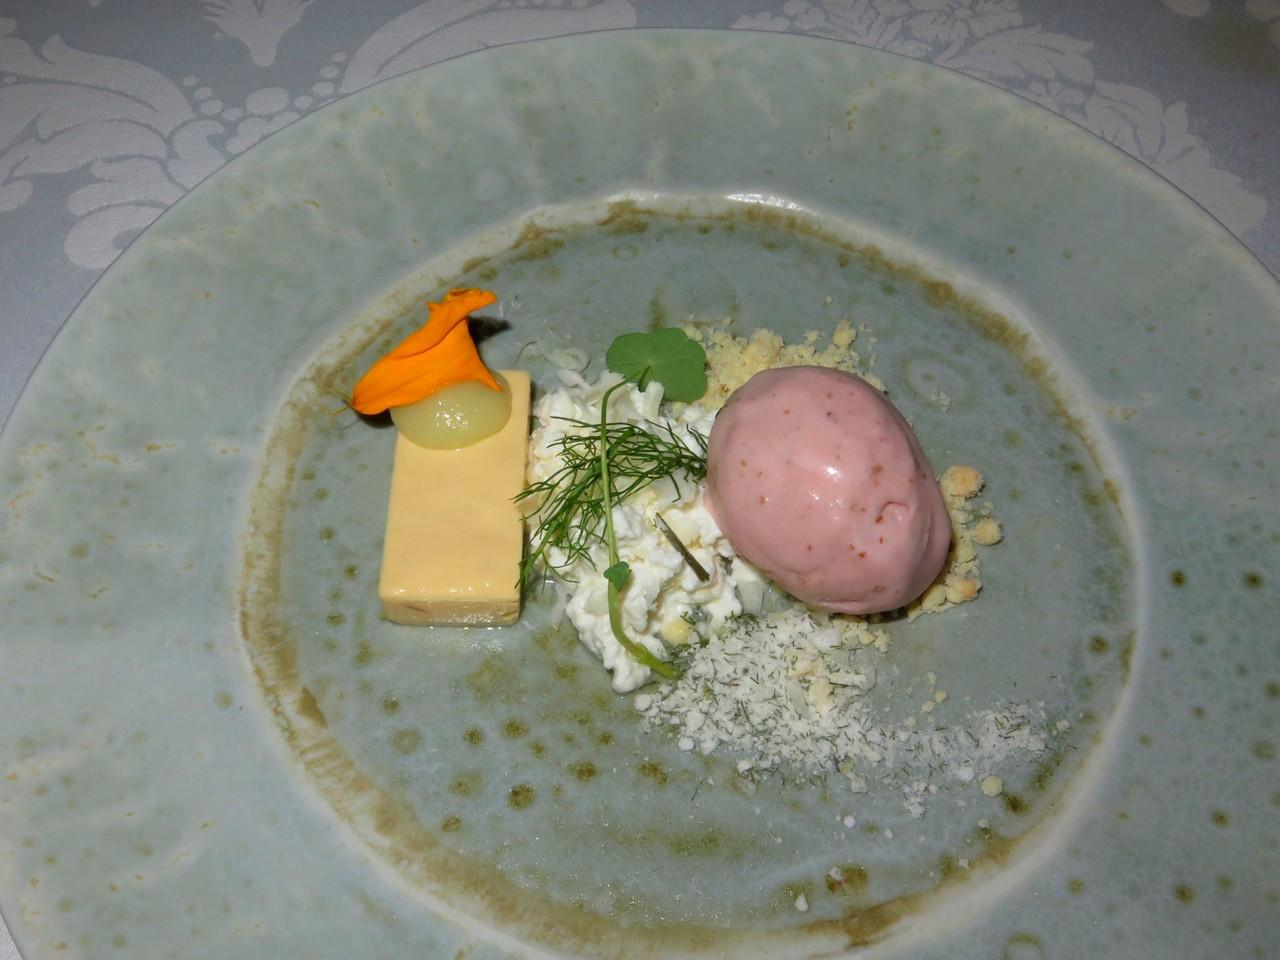 Pinheiro, maçã reineta, queijo de cabra e funcho [Bruno Rocha]